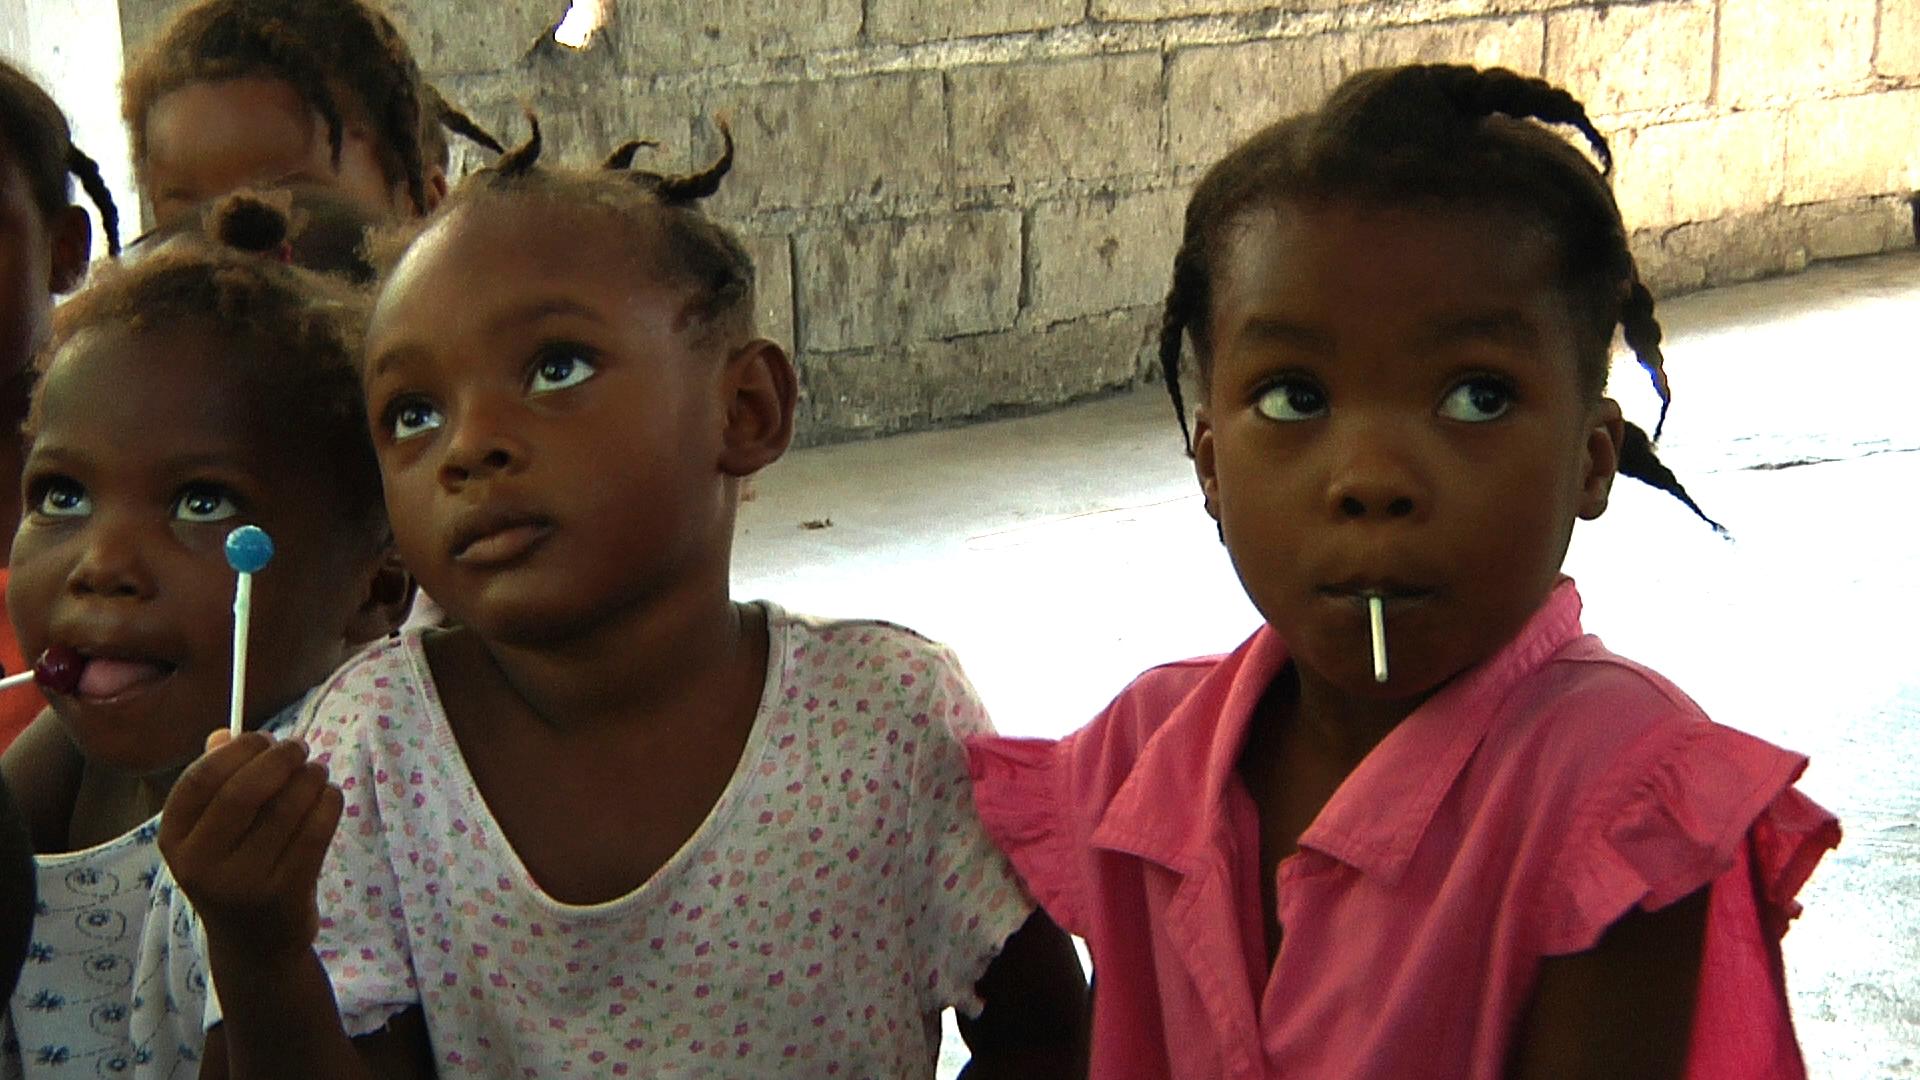 haiti-orphans